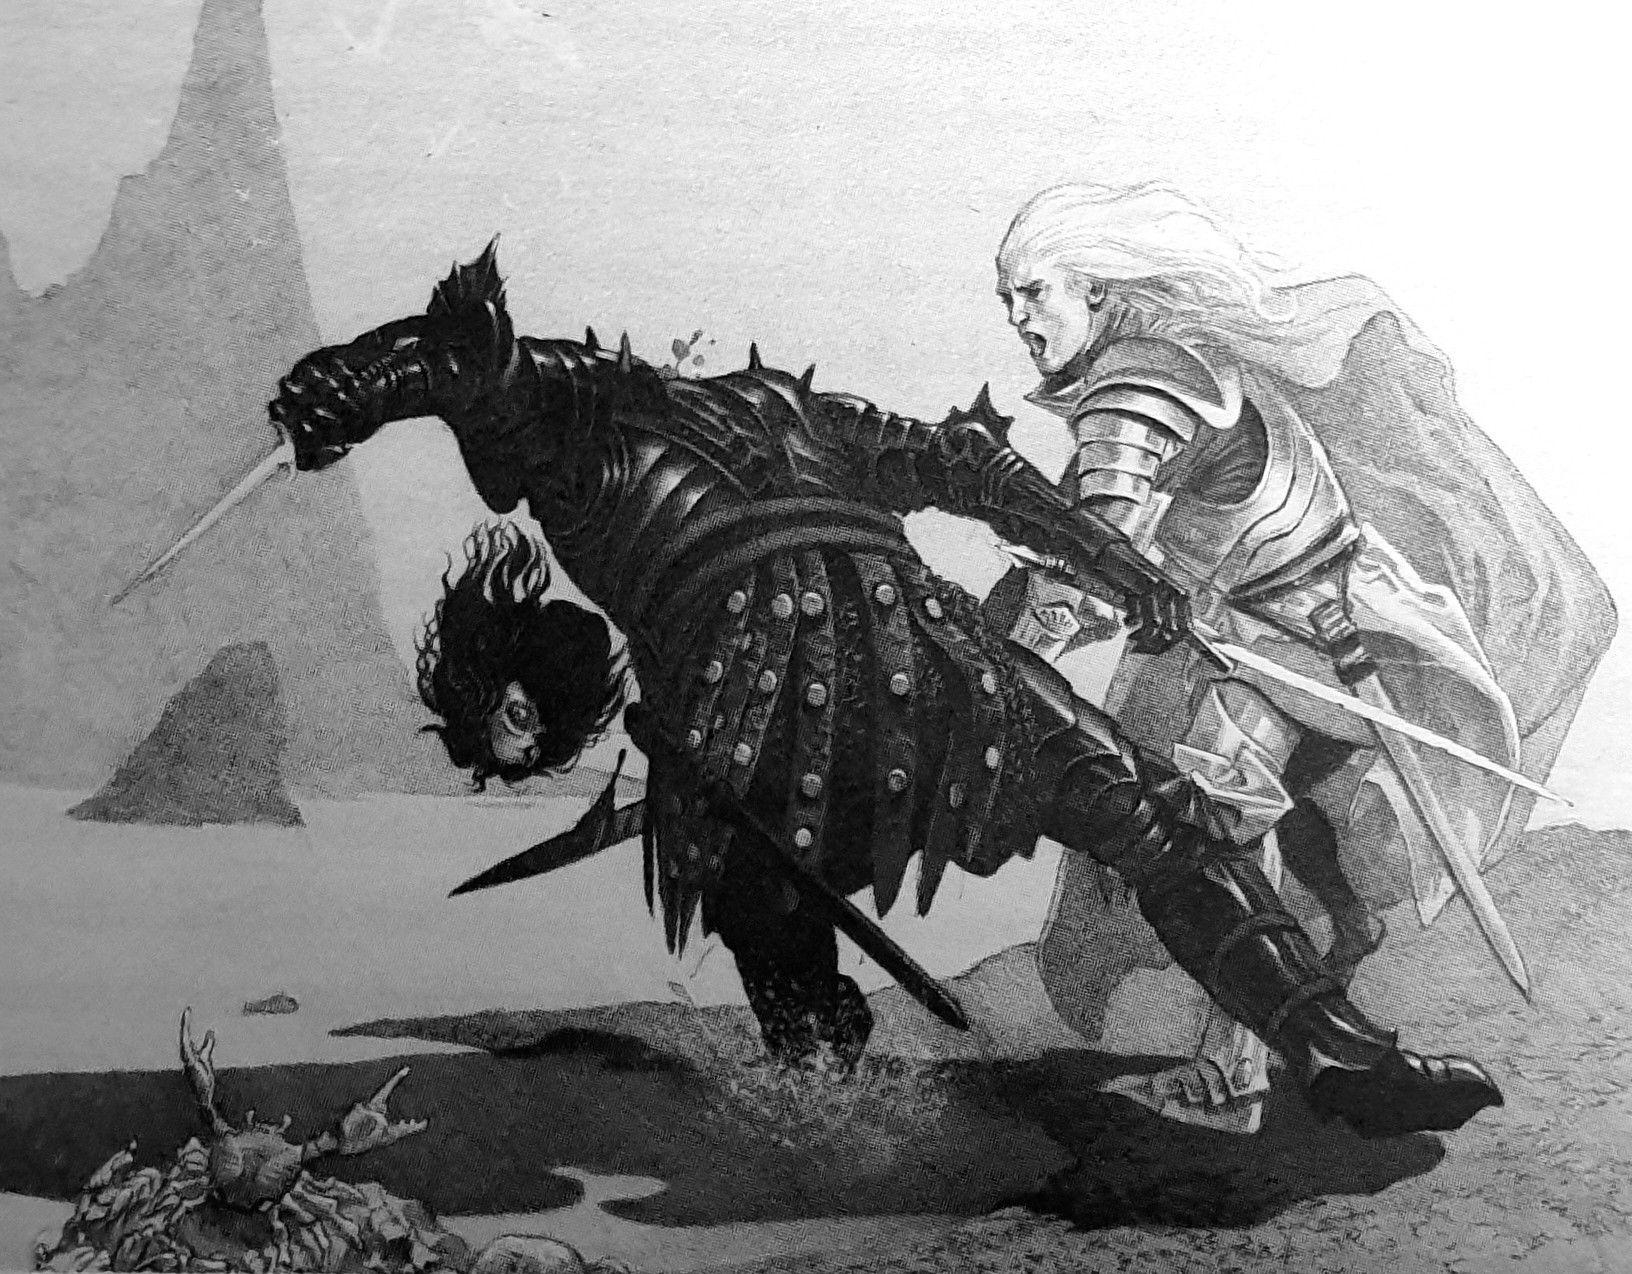 Daemon Lord Flea Bottom Targaryen Beheads Craghas Crabfeeder